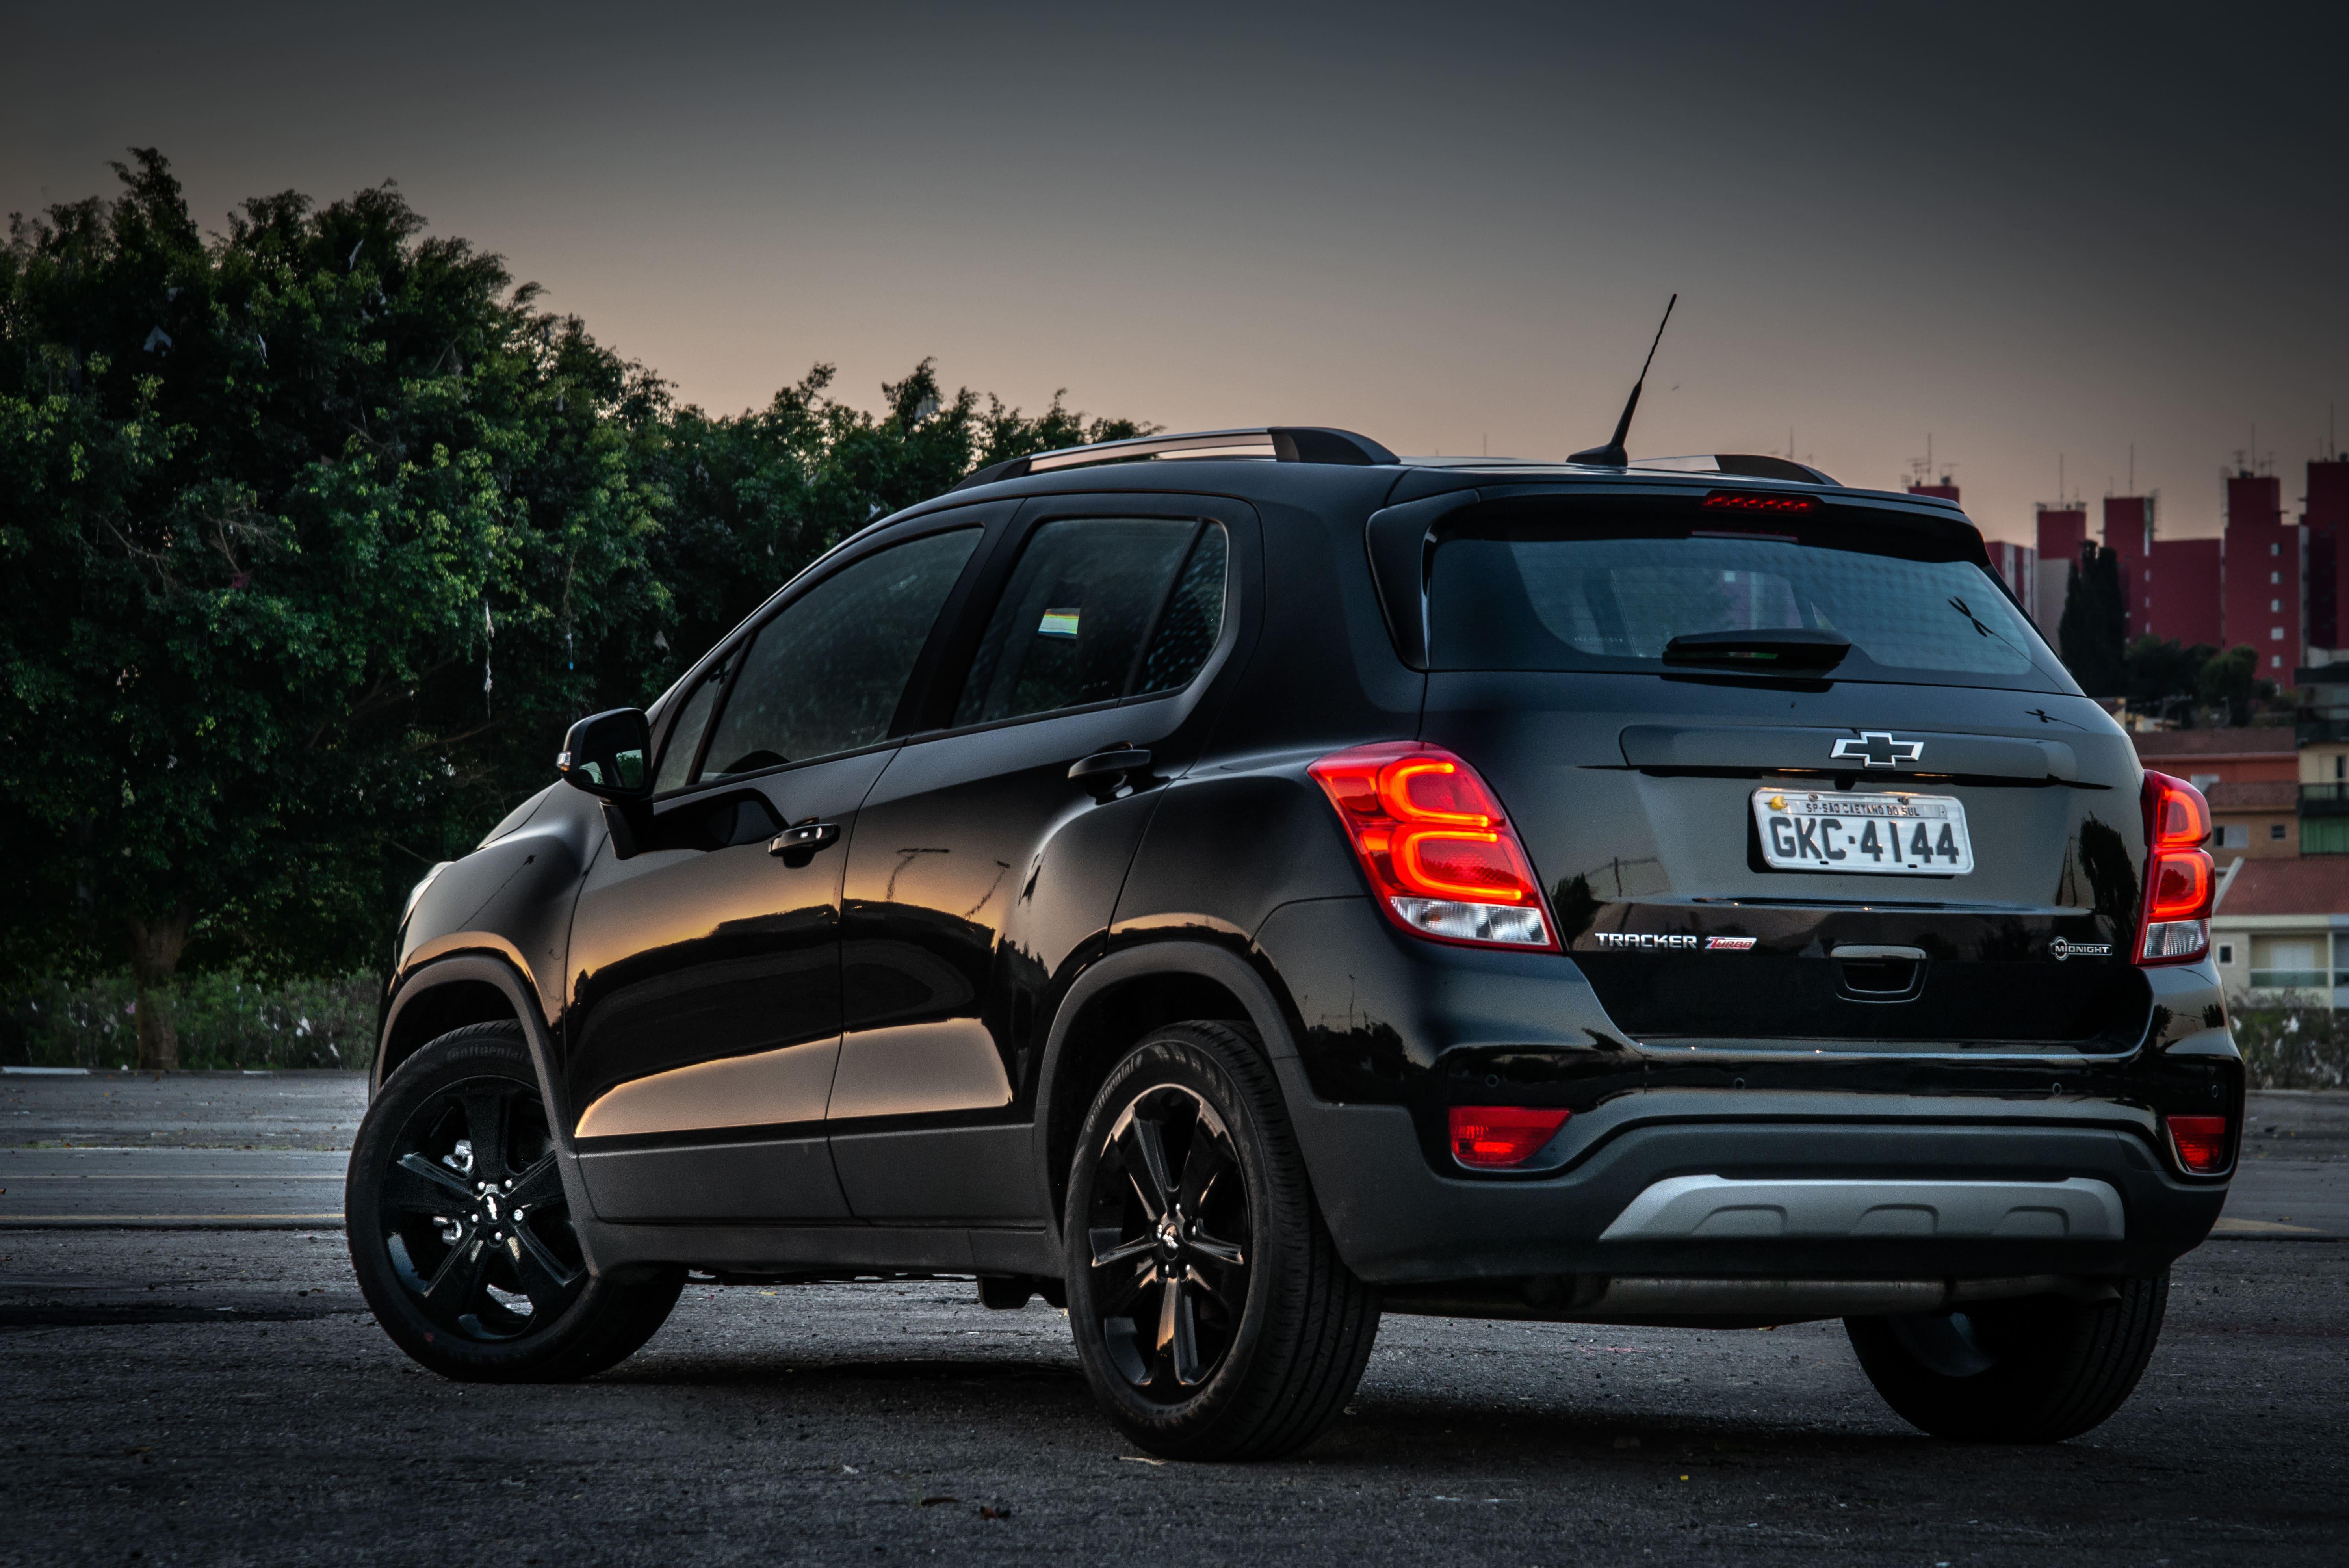 Chevrolet Tracker Midnight 2019 31 1 Min